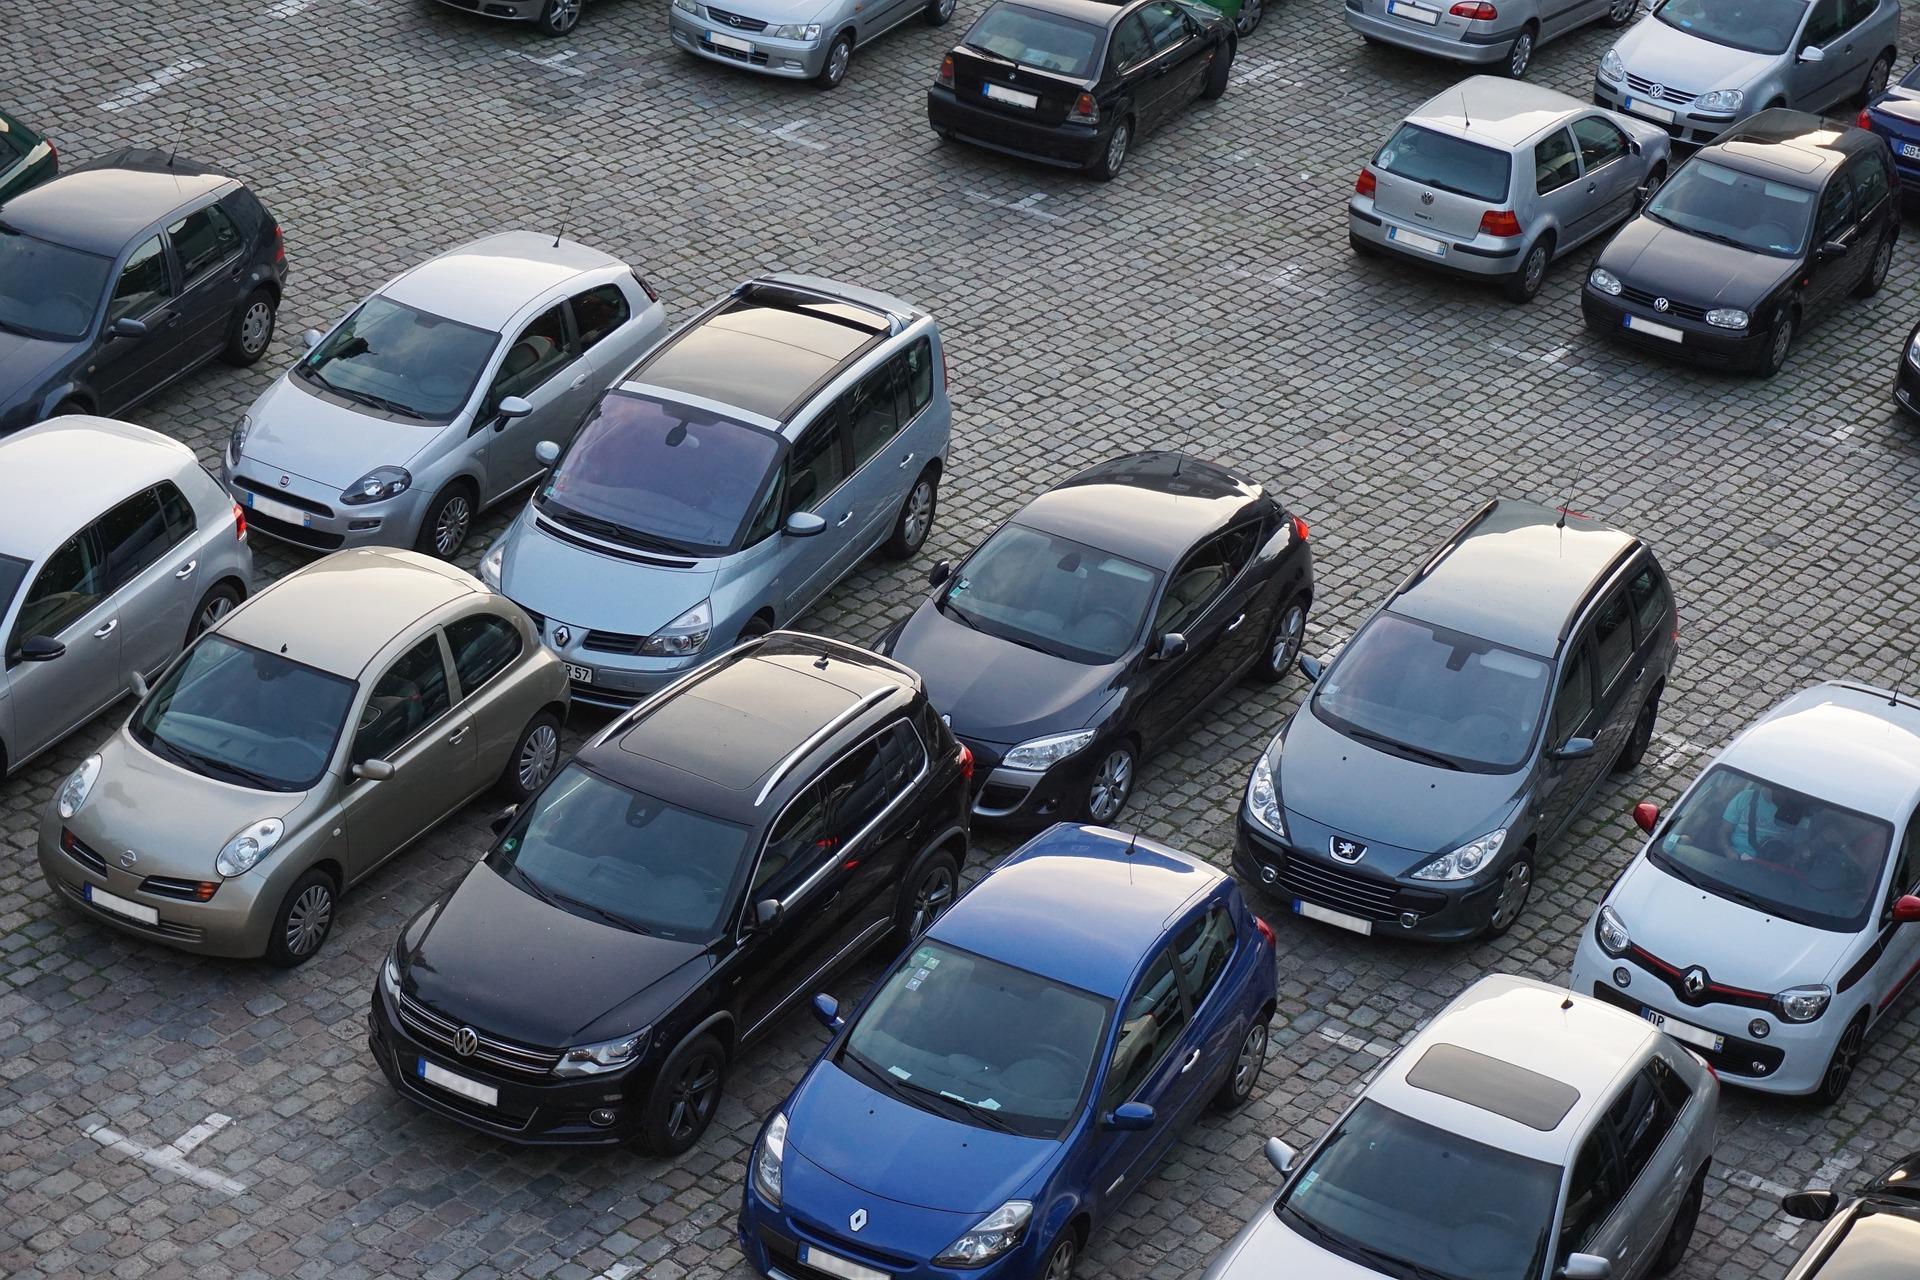 Gas natural impacta industria automotriz en México